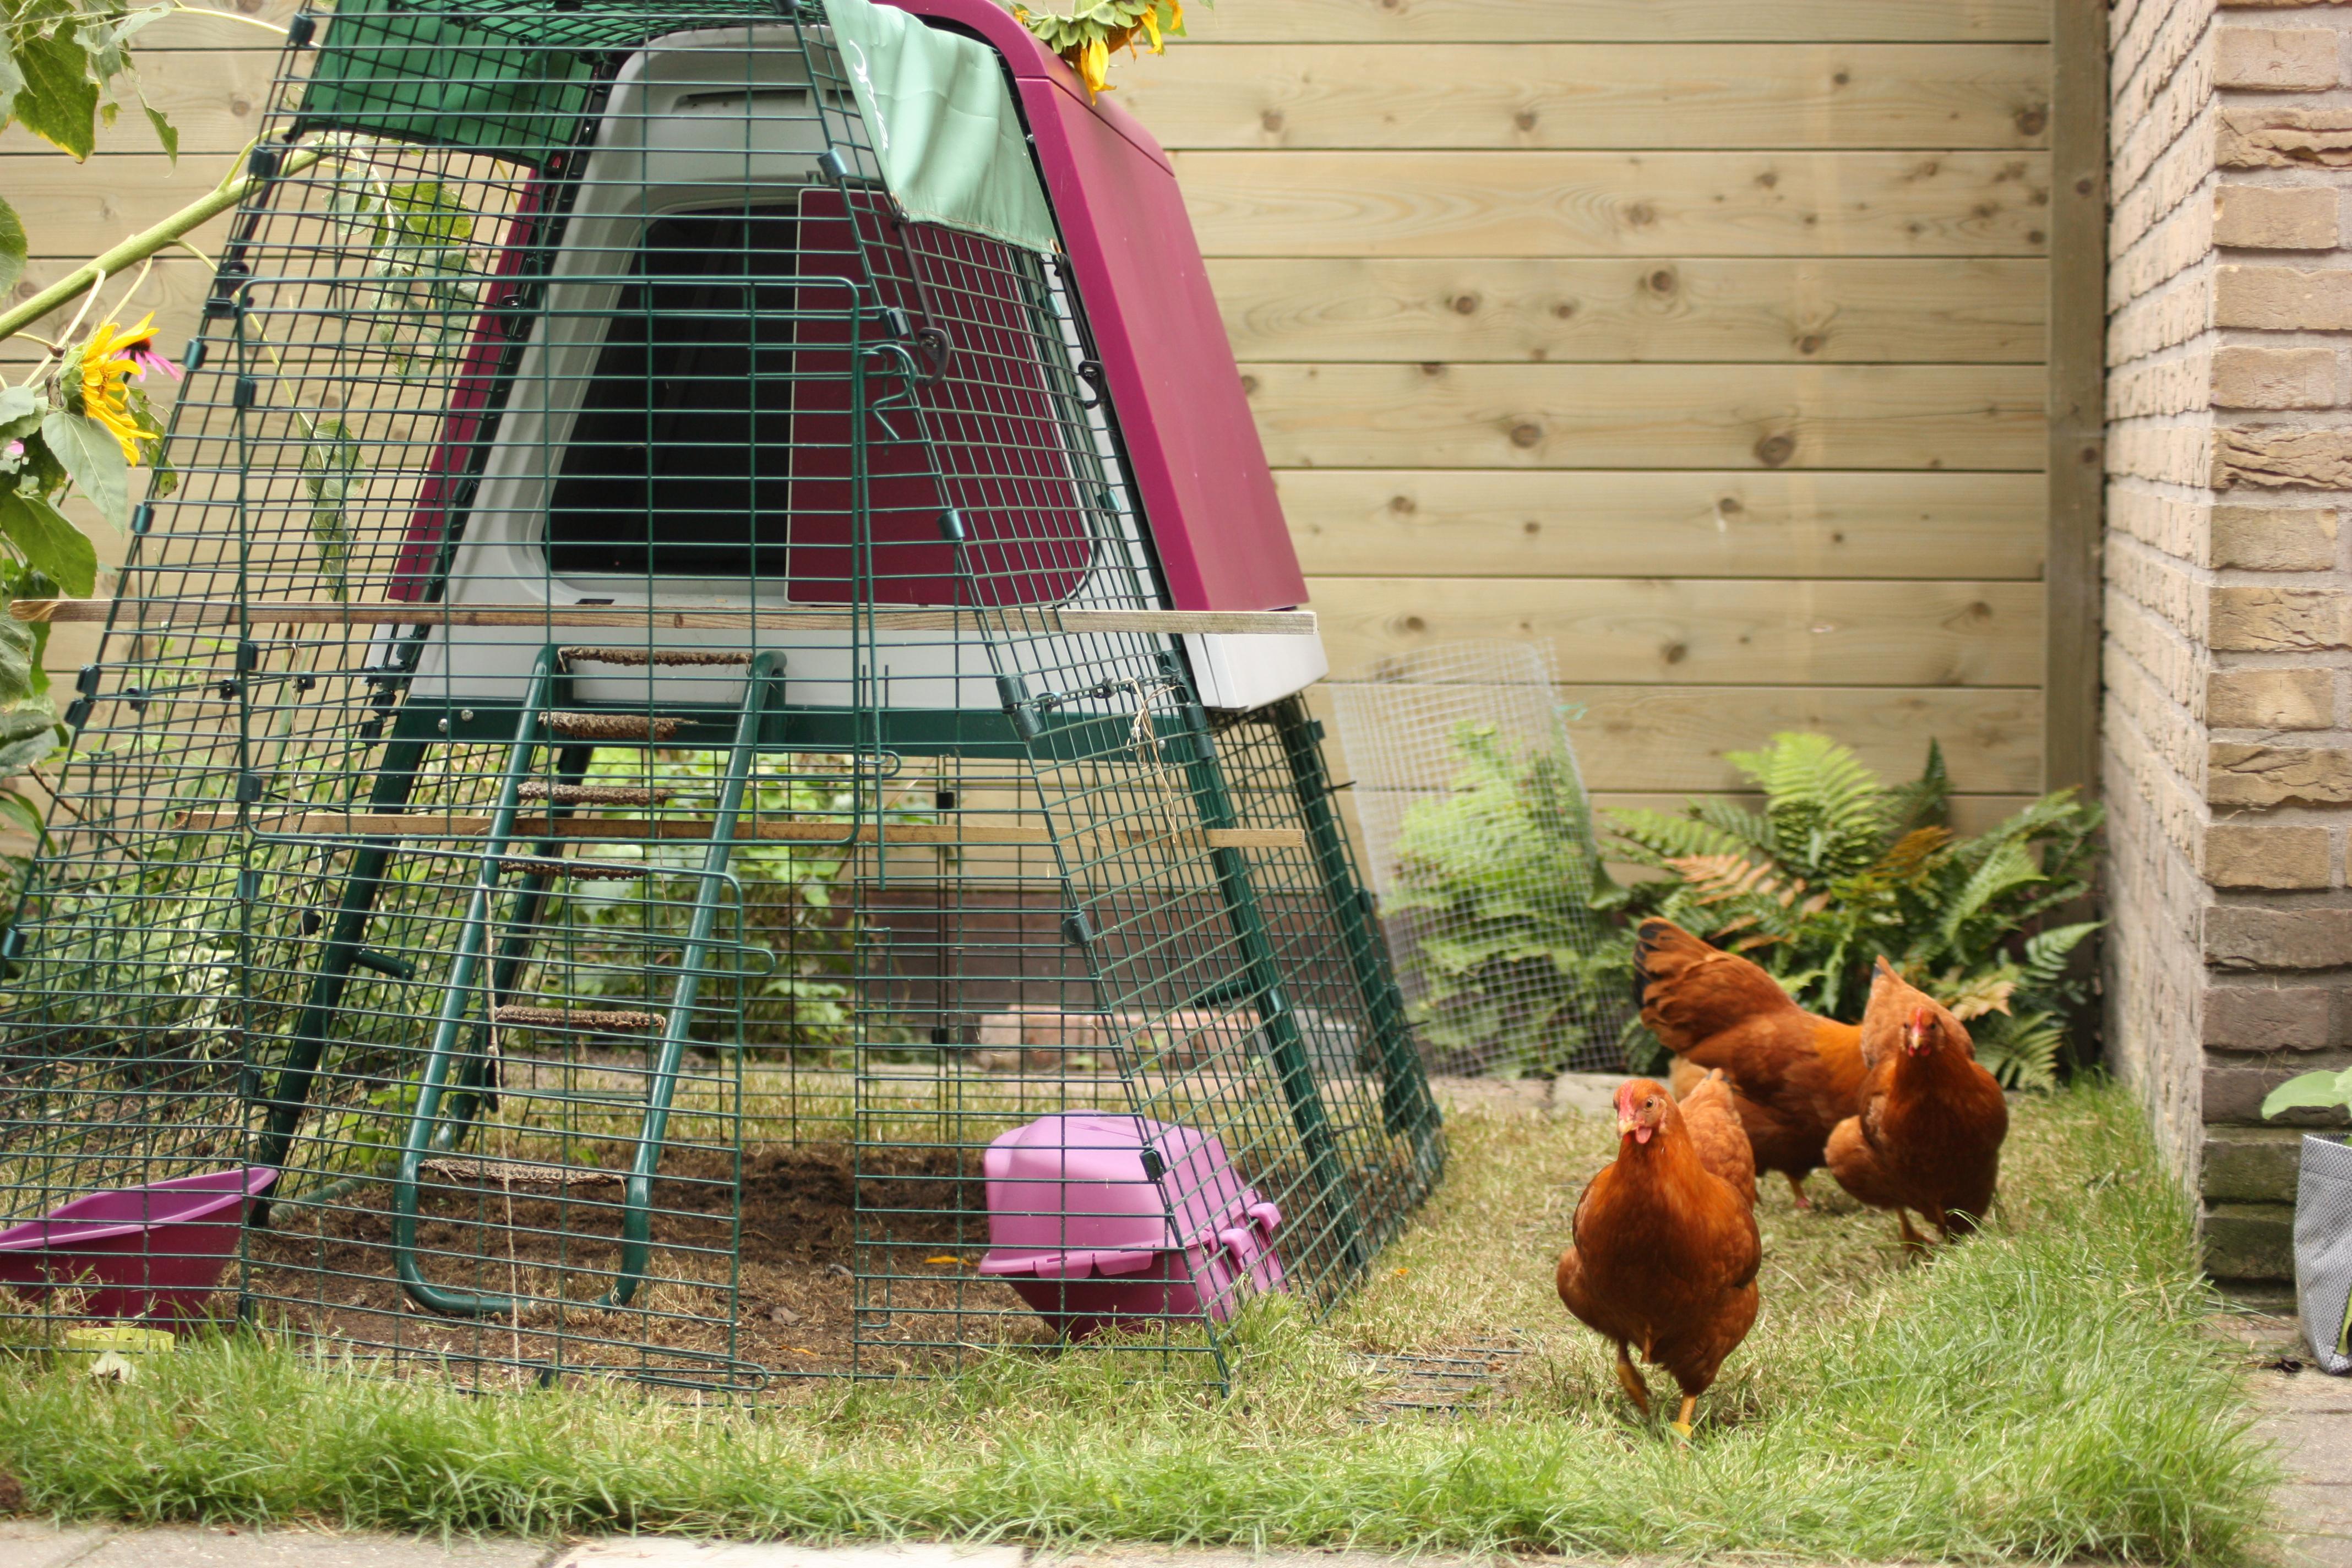 Les poules de Pauline Snel adorent se promener librement dans son jardin